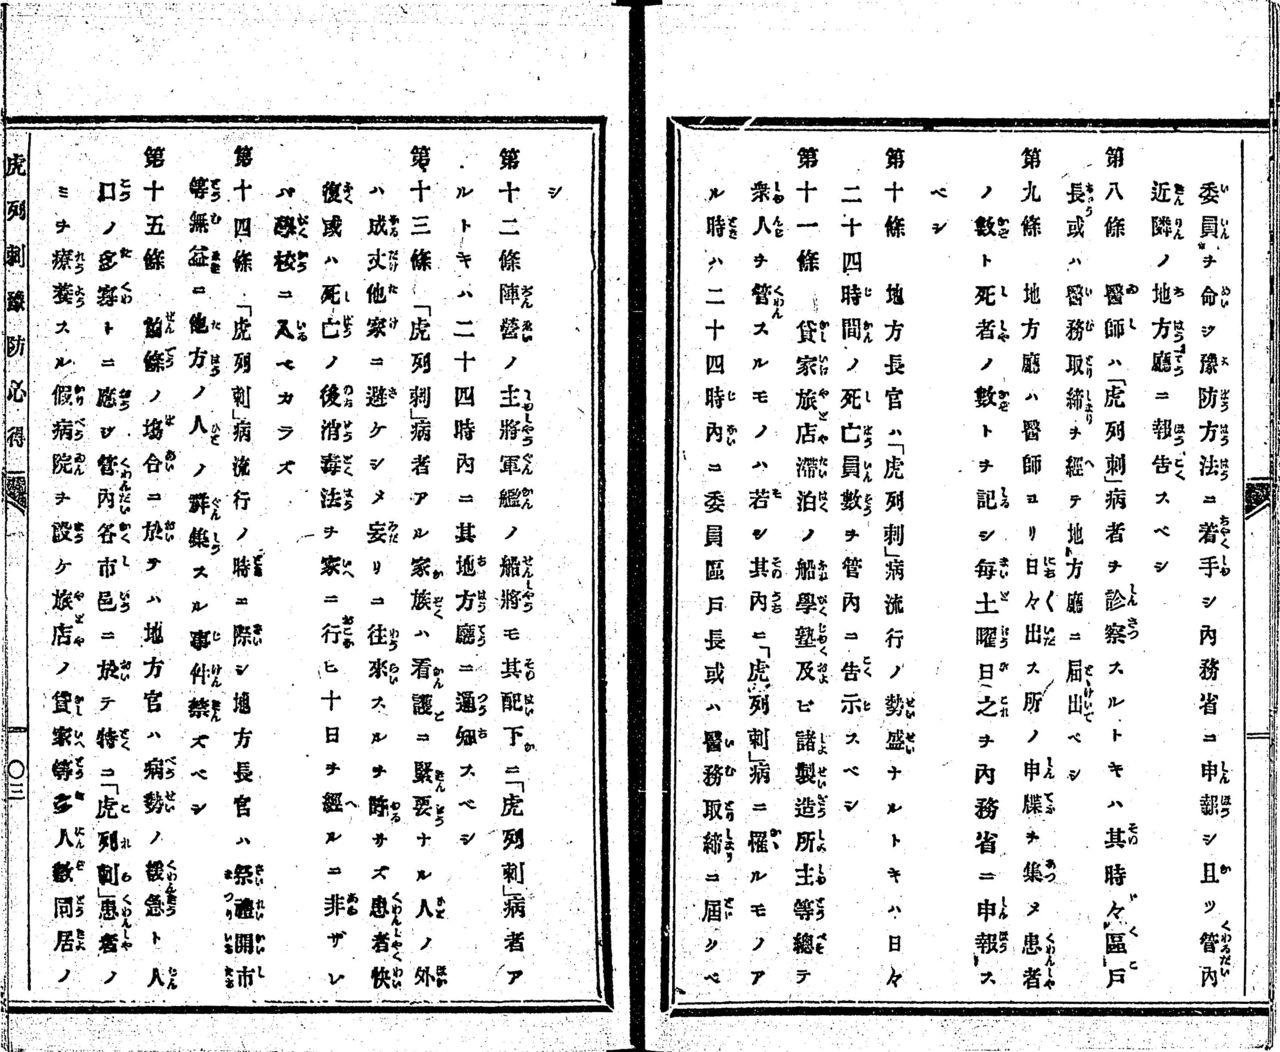 あくびがうつる 漢字